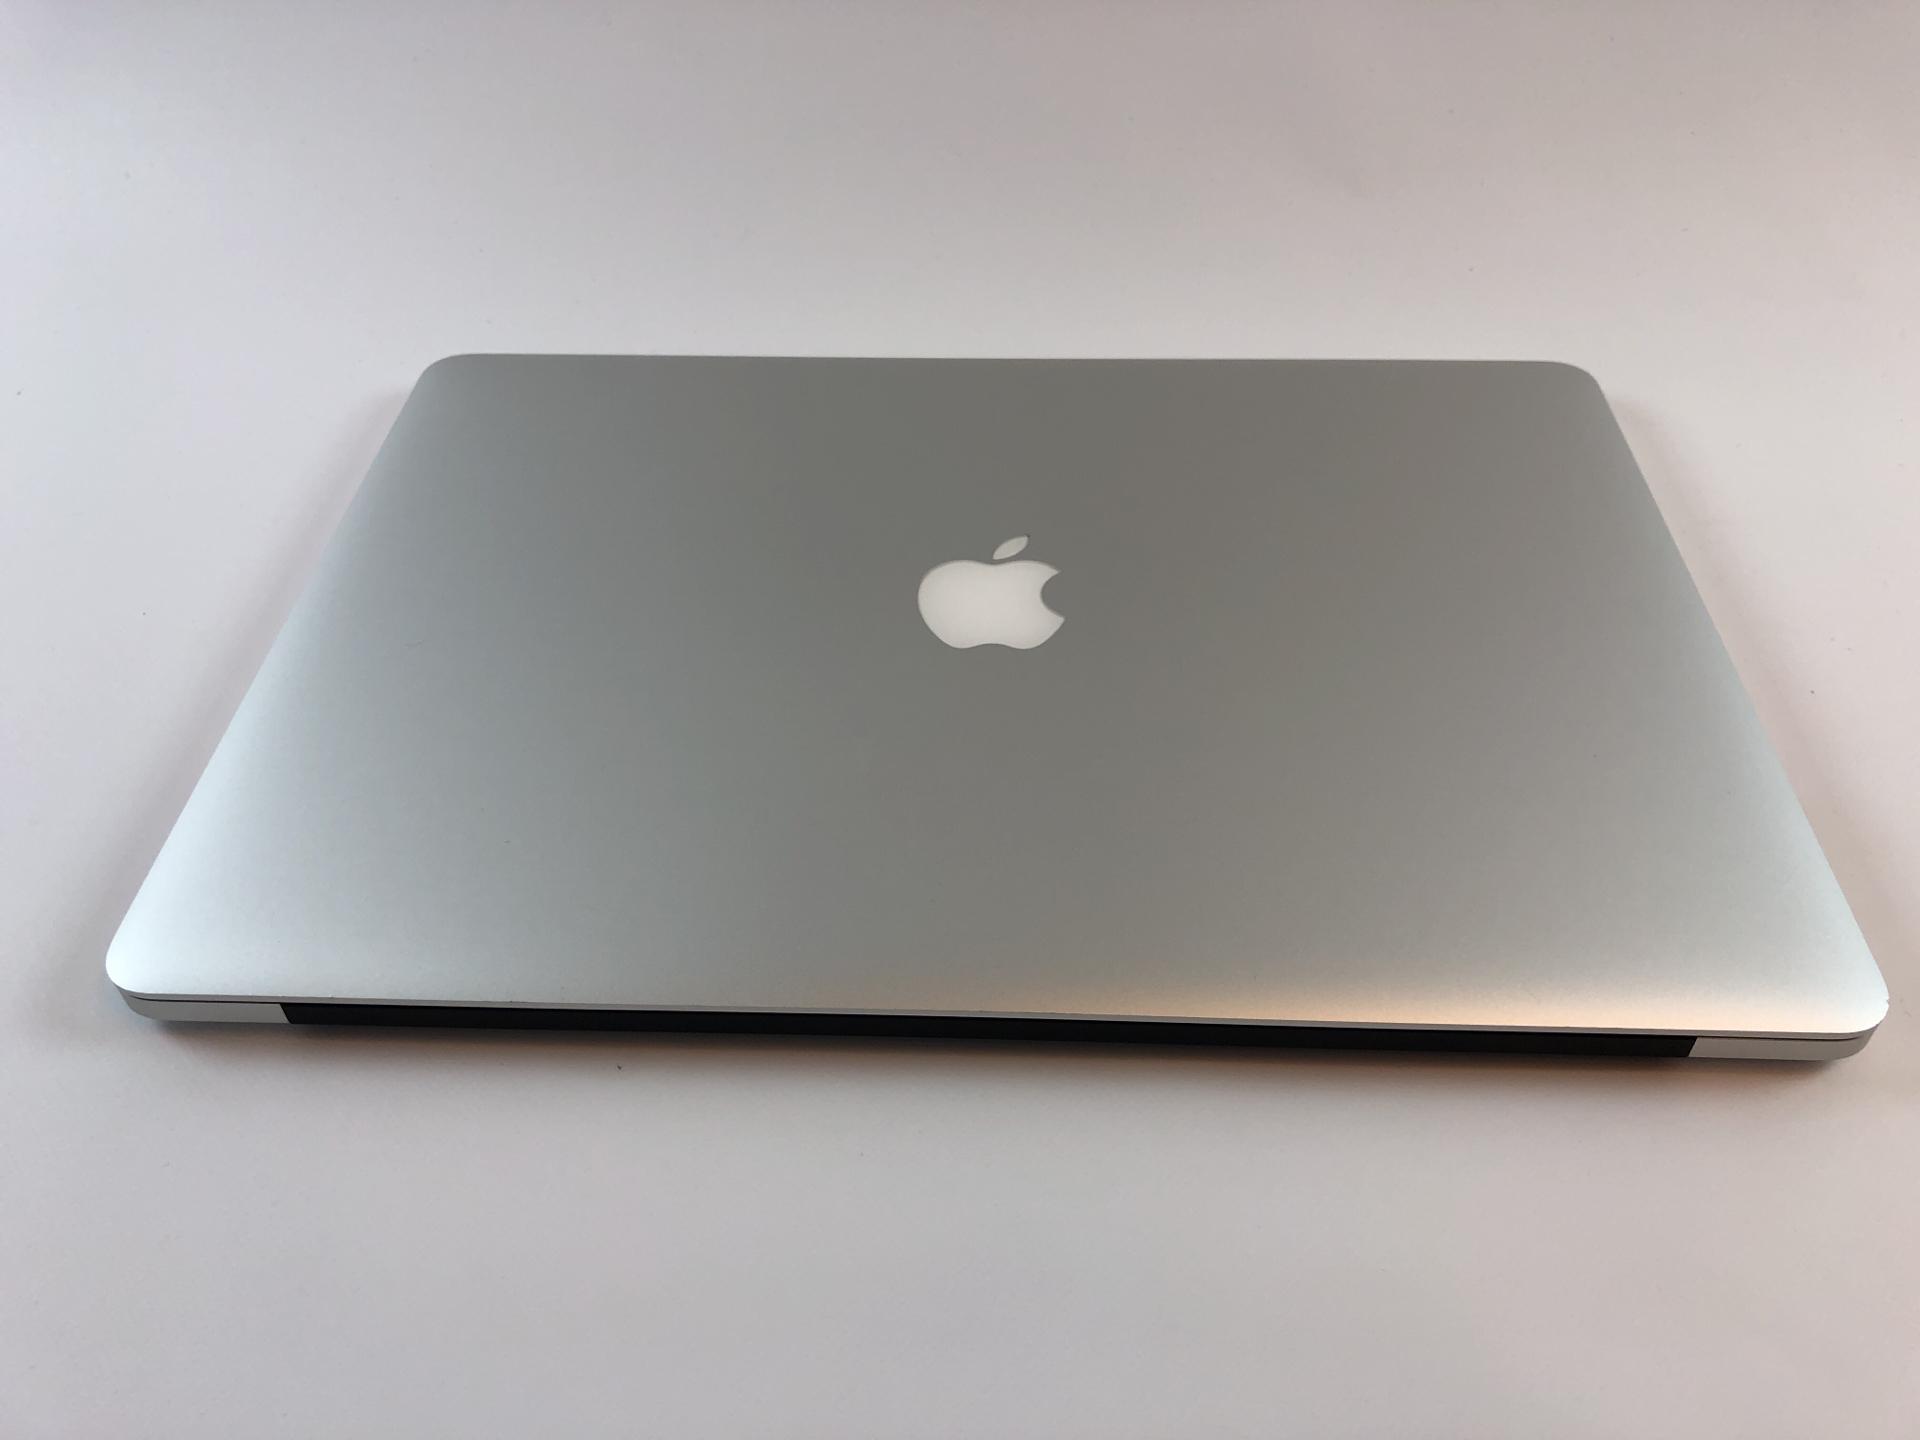 """MacBook Pro Retina 15"""" Mid 2015 (Intel Quad-Core i7 2.2 GHz 16 GB RAM 256 GB SSD), Intel Quad-Core i7 2.2 GHz, 16 GB RAM, 256 GB SSD, Kuva 2"""